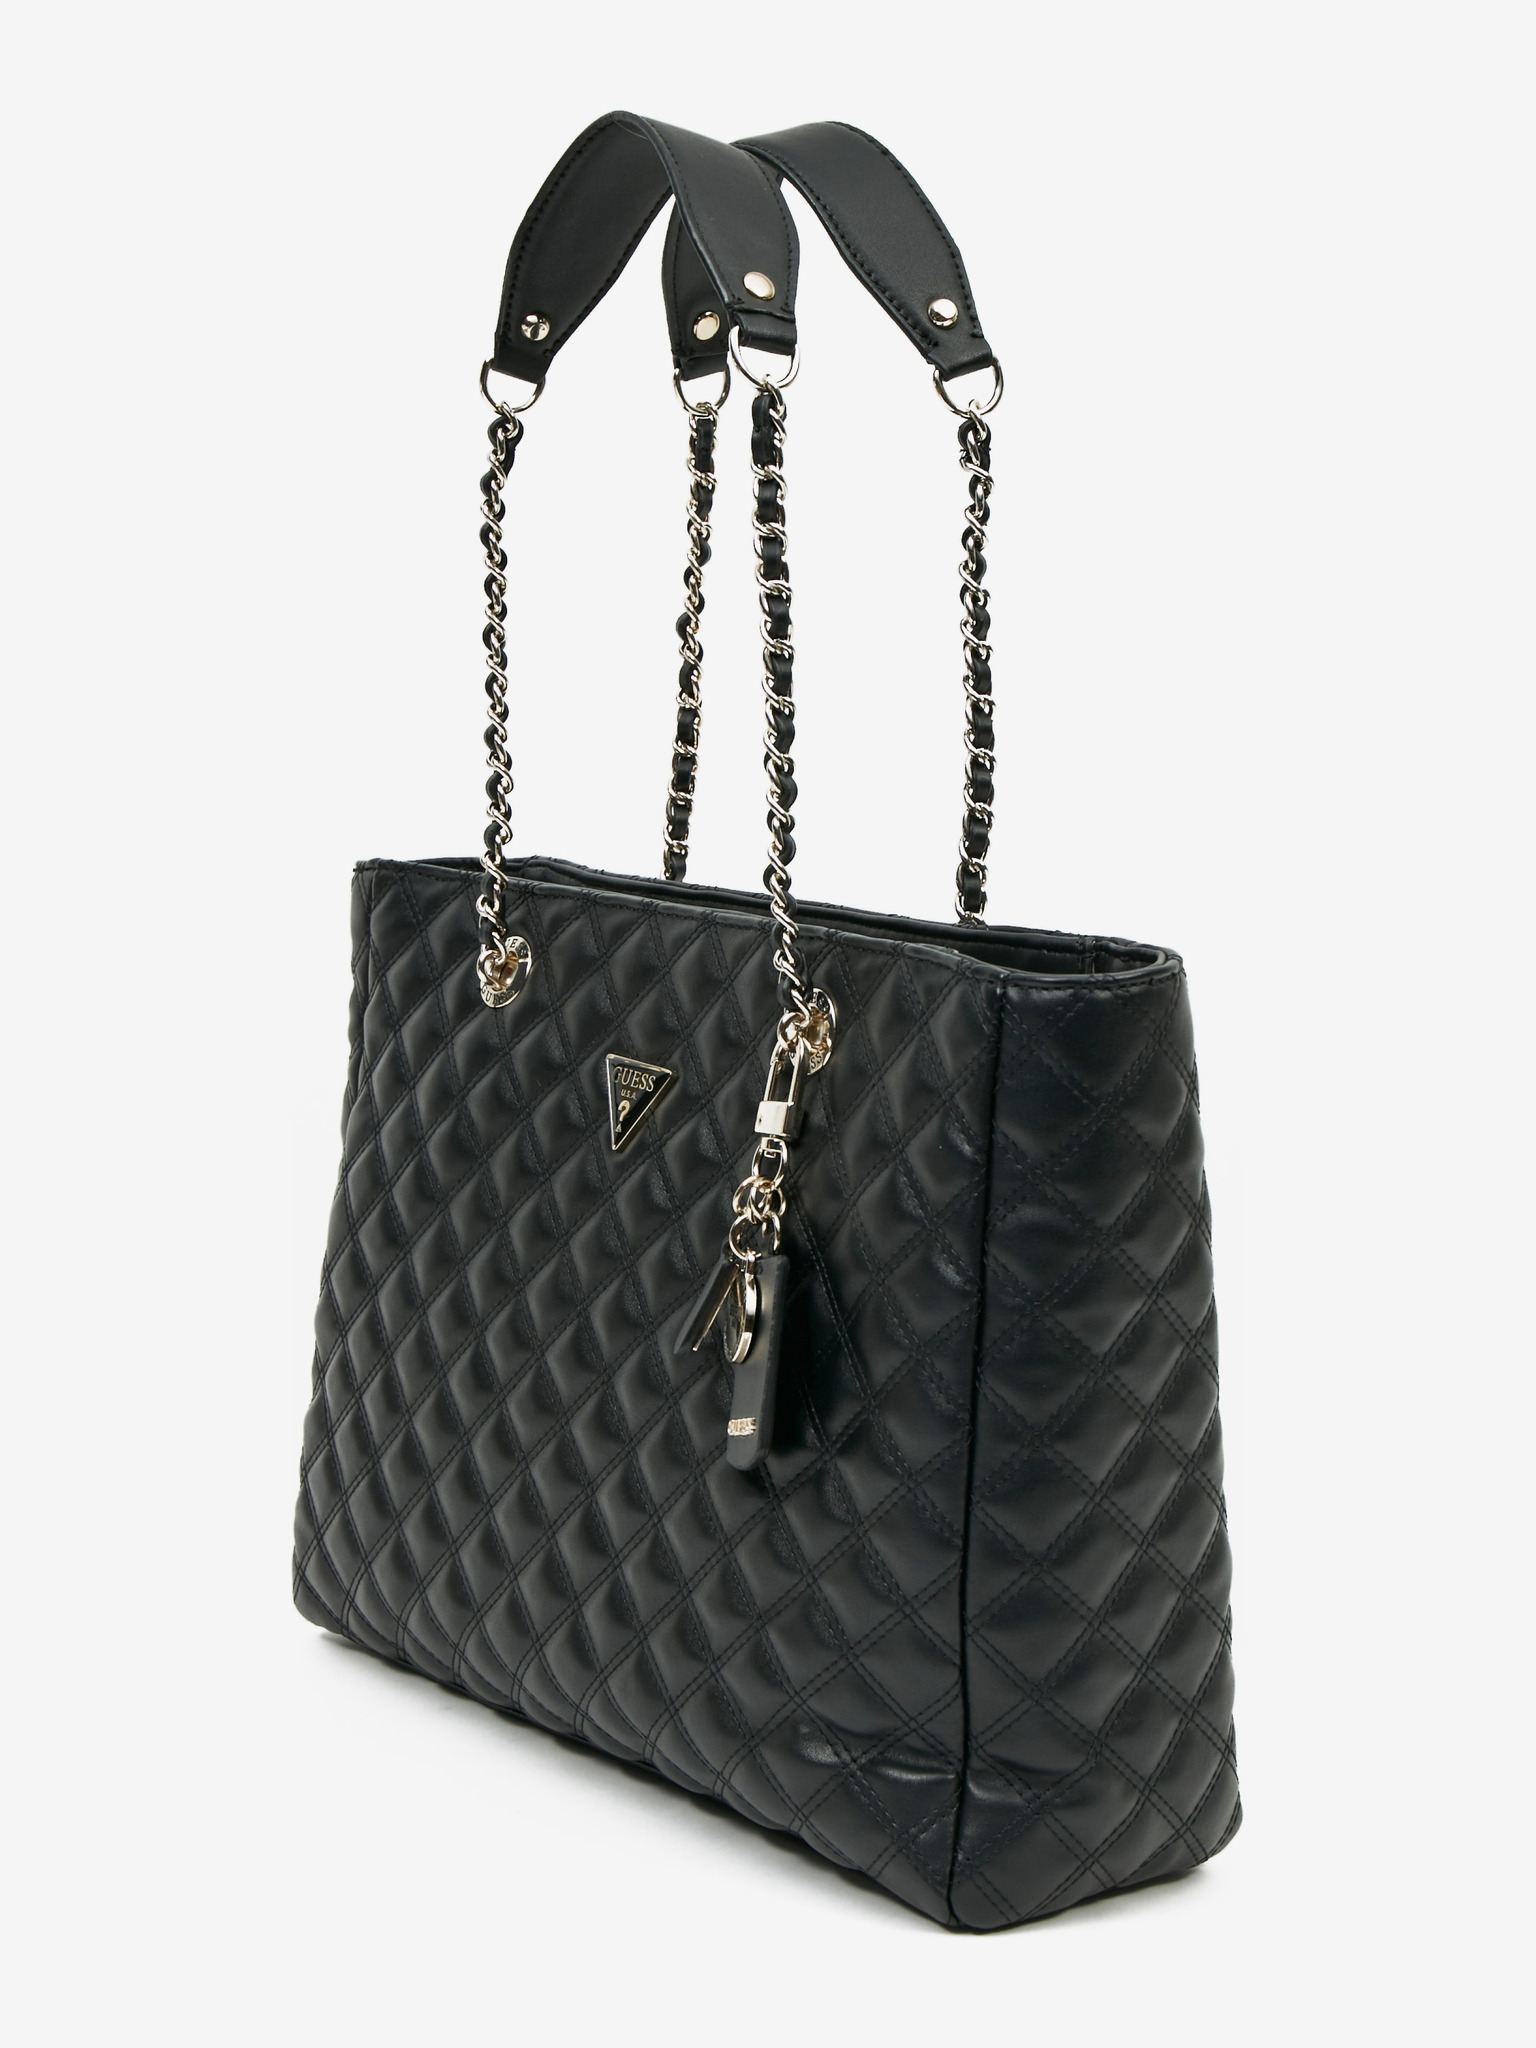 Guess black handbag Cessily